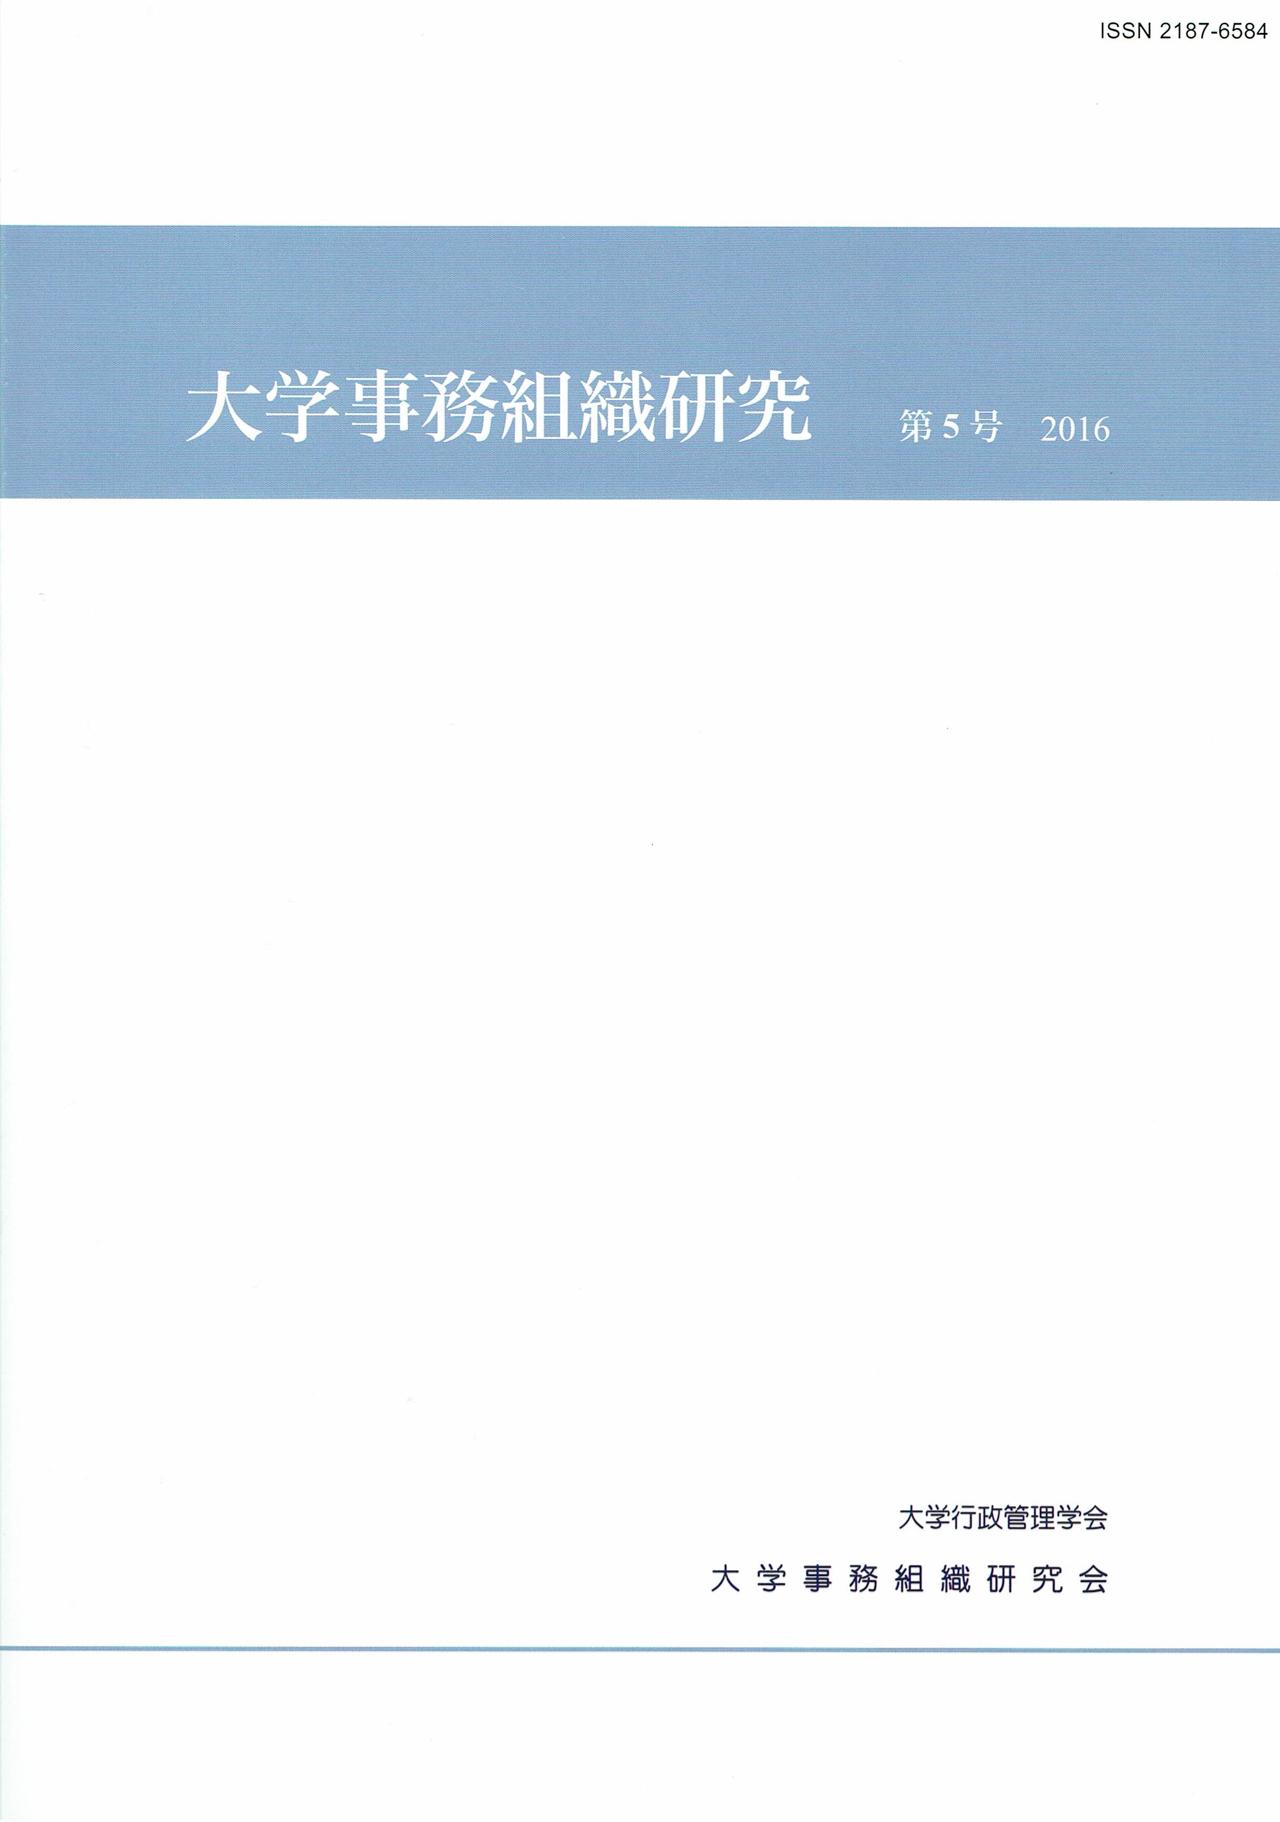 大学行政管理学会「大学事務組織研究(第5号)」論文掲載表紙